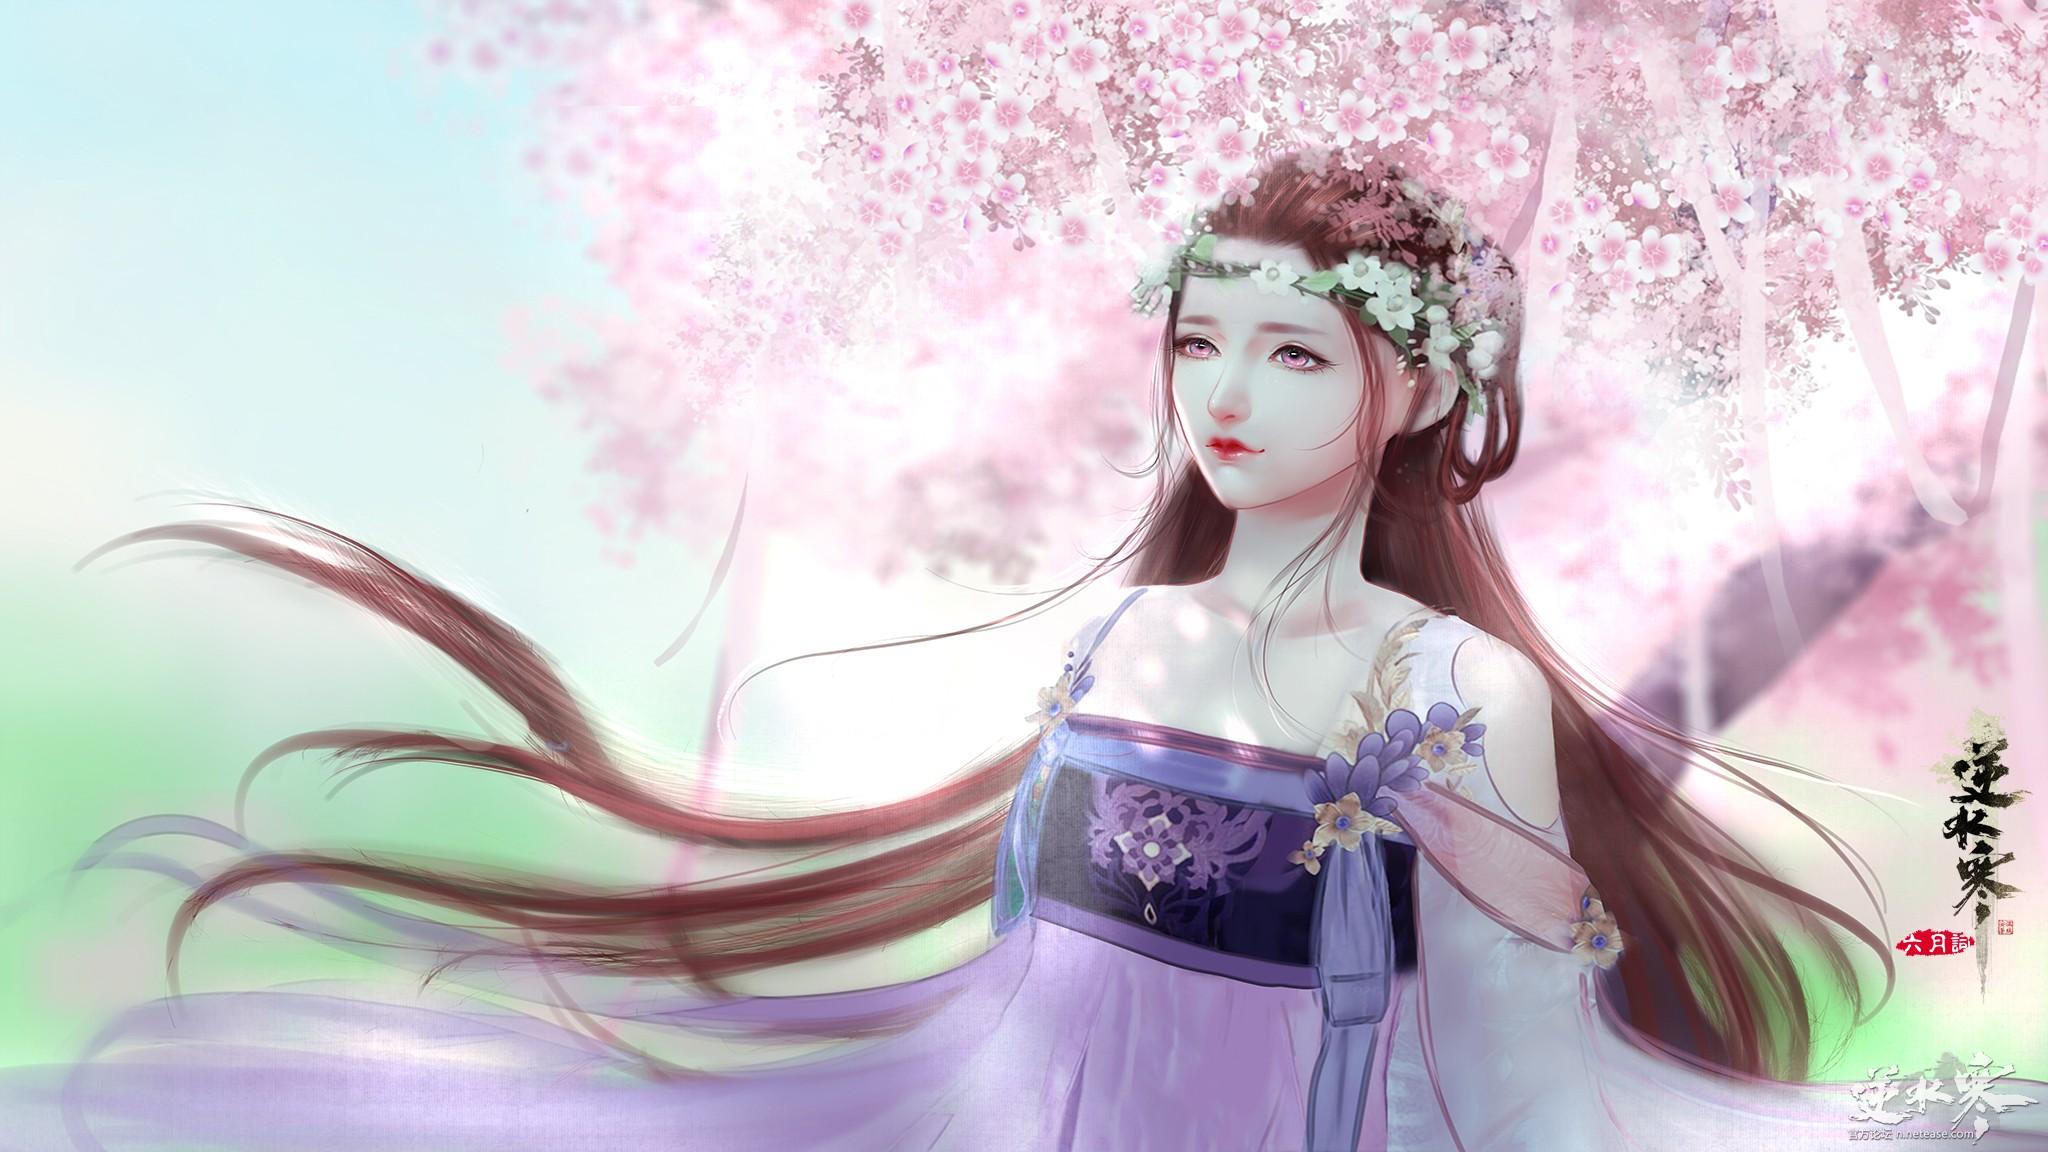 【自在门】【逆水寒欢迎你】樱花下的小姐姐 素问壁纸